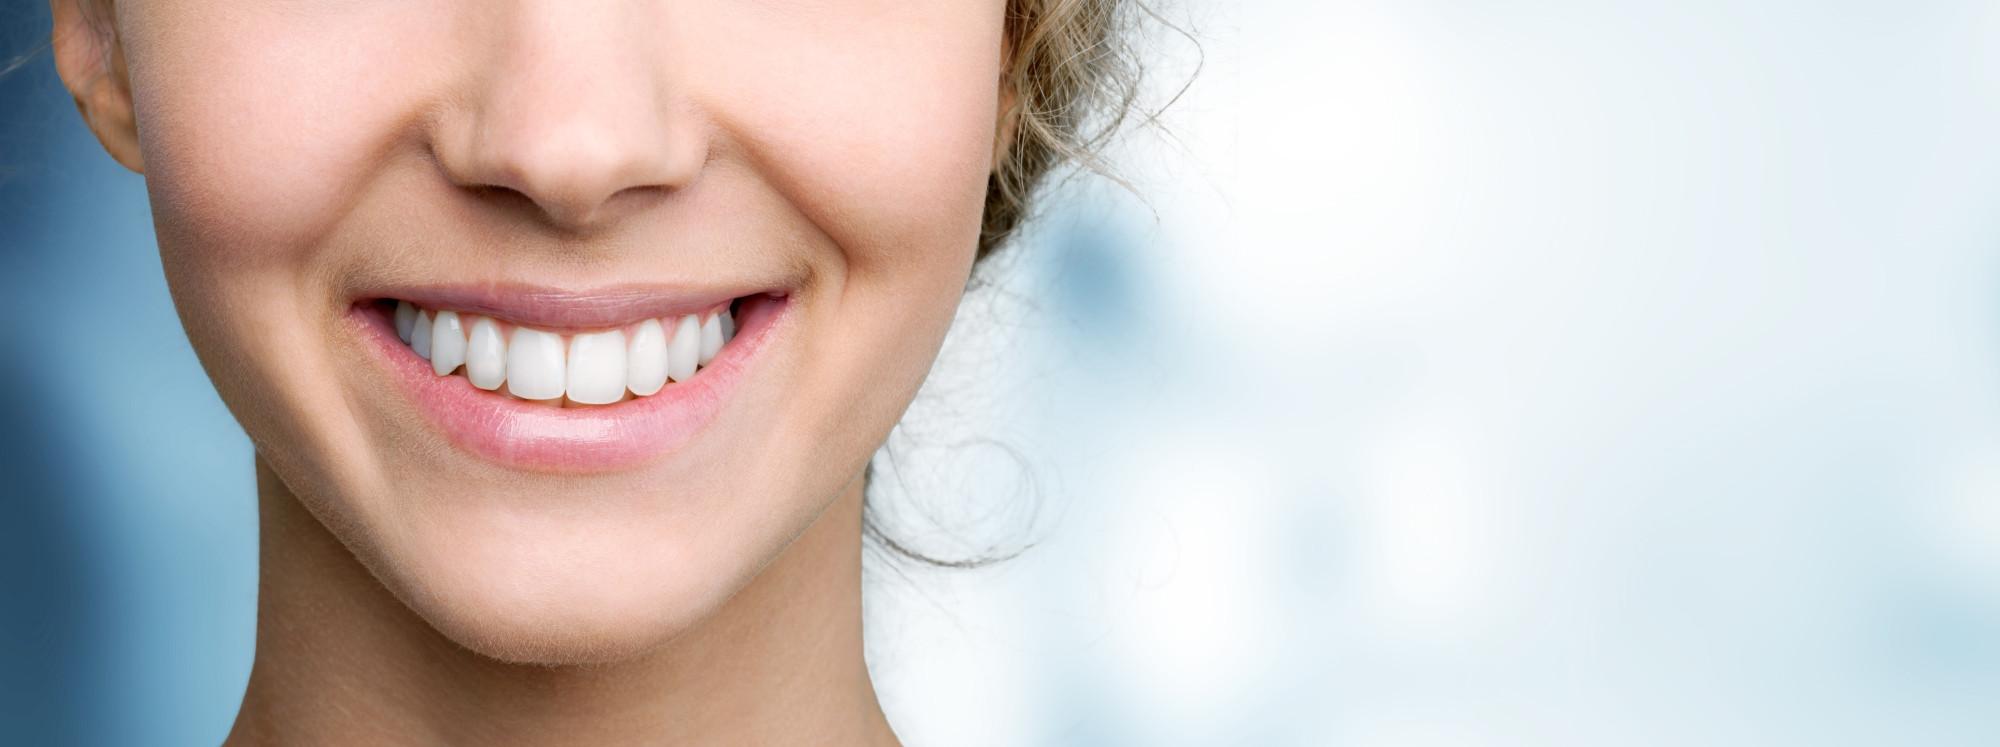 Žena s prekrasnim osmijehom